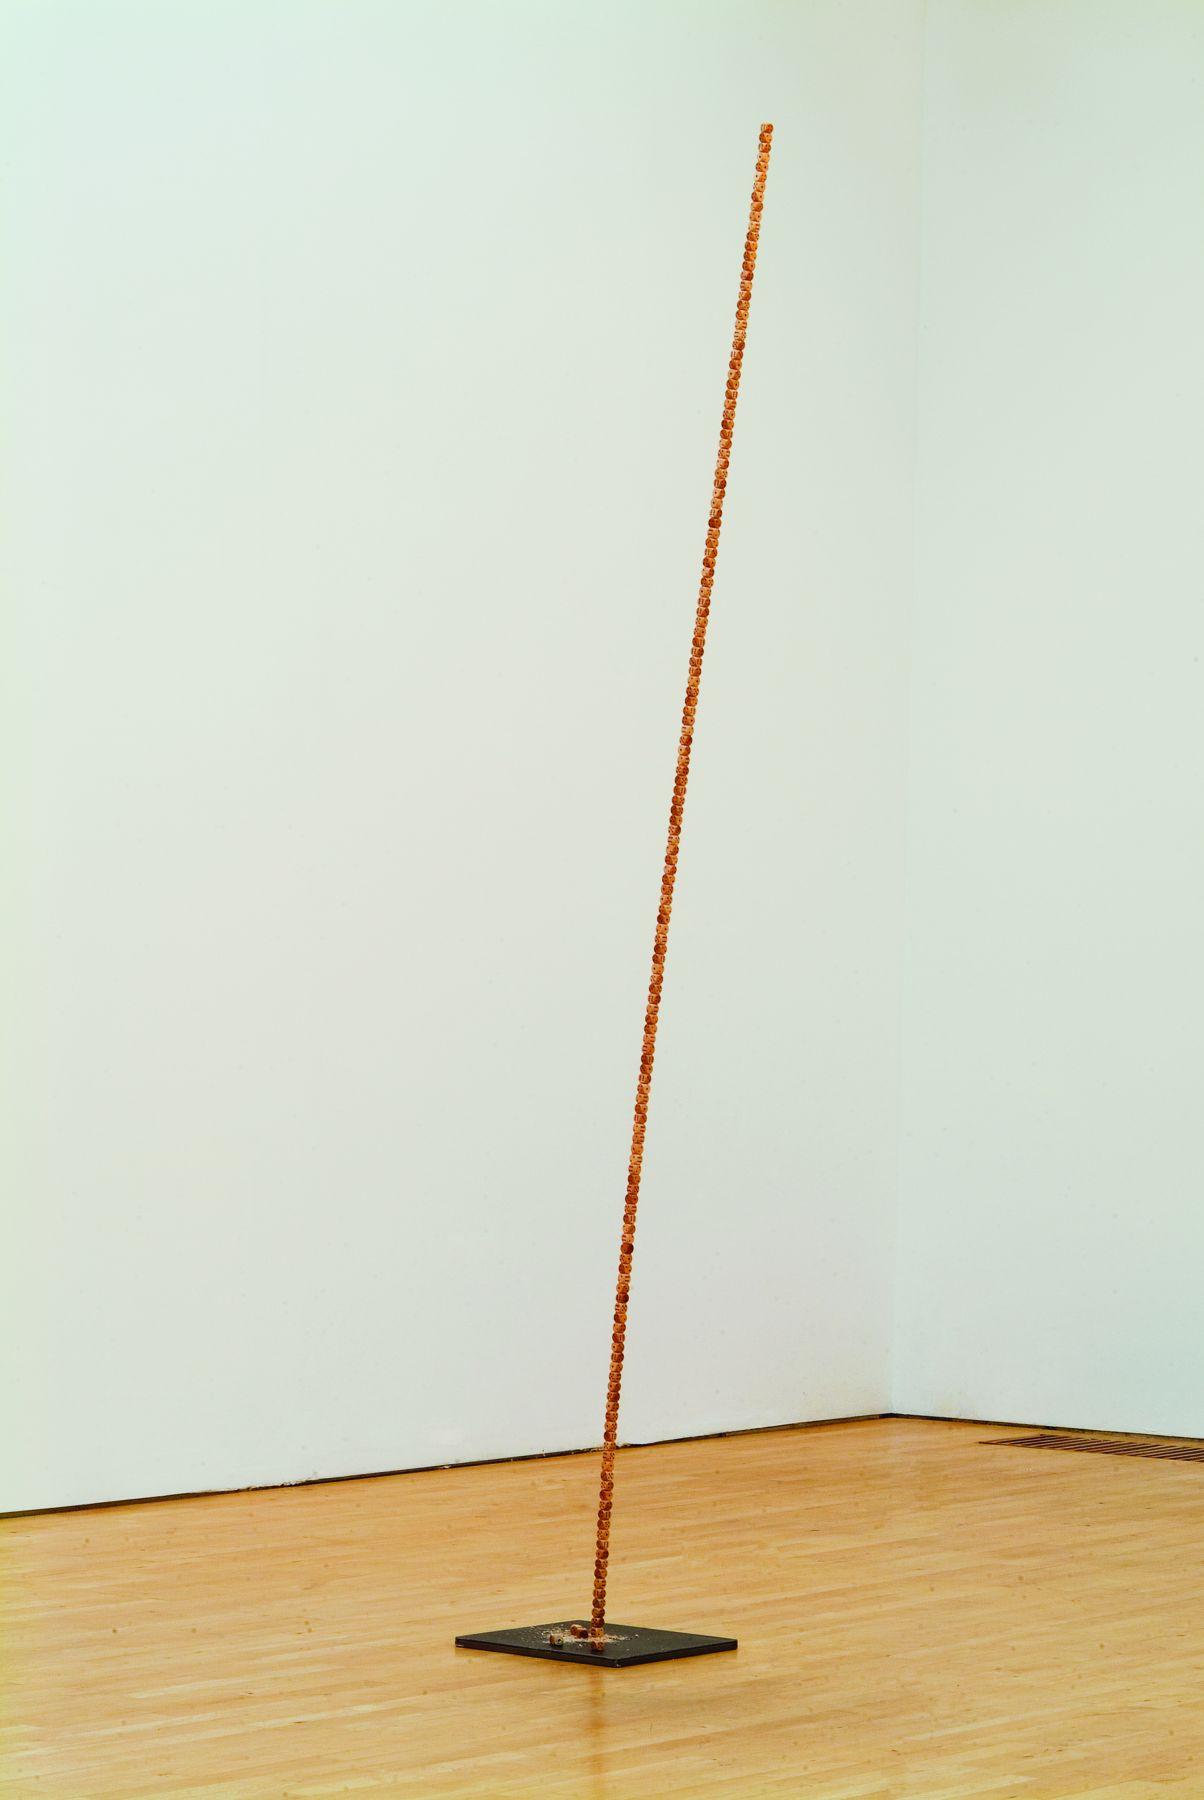 Ricardo Brey, Universe, 2001